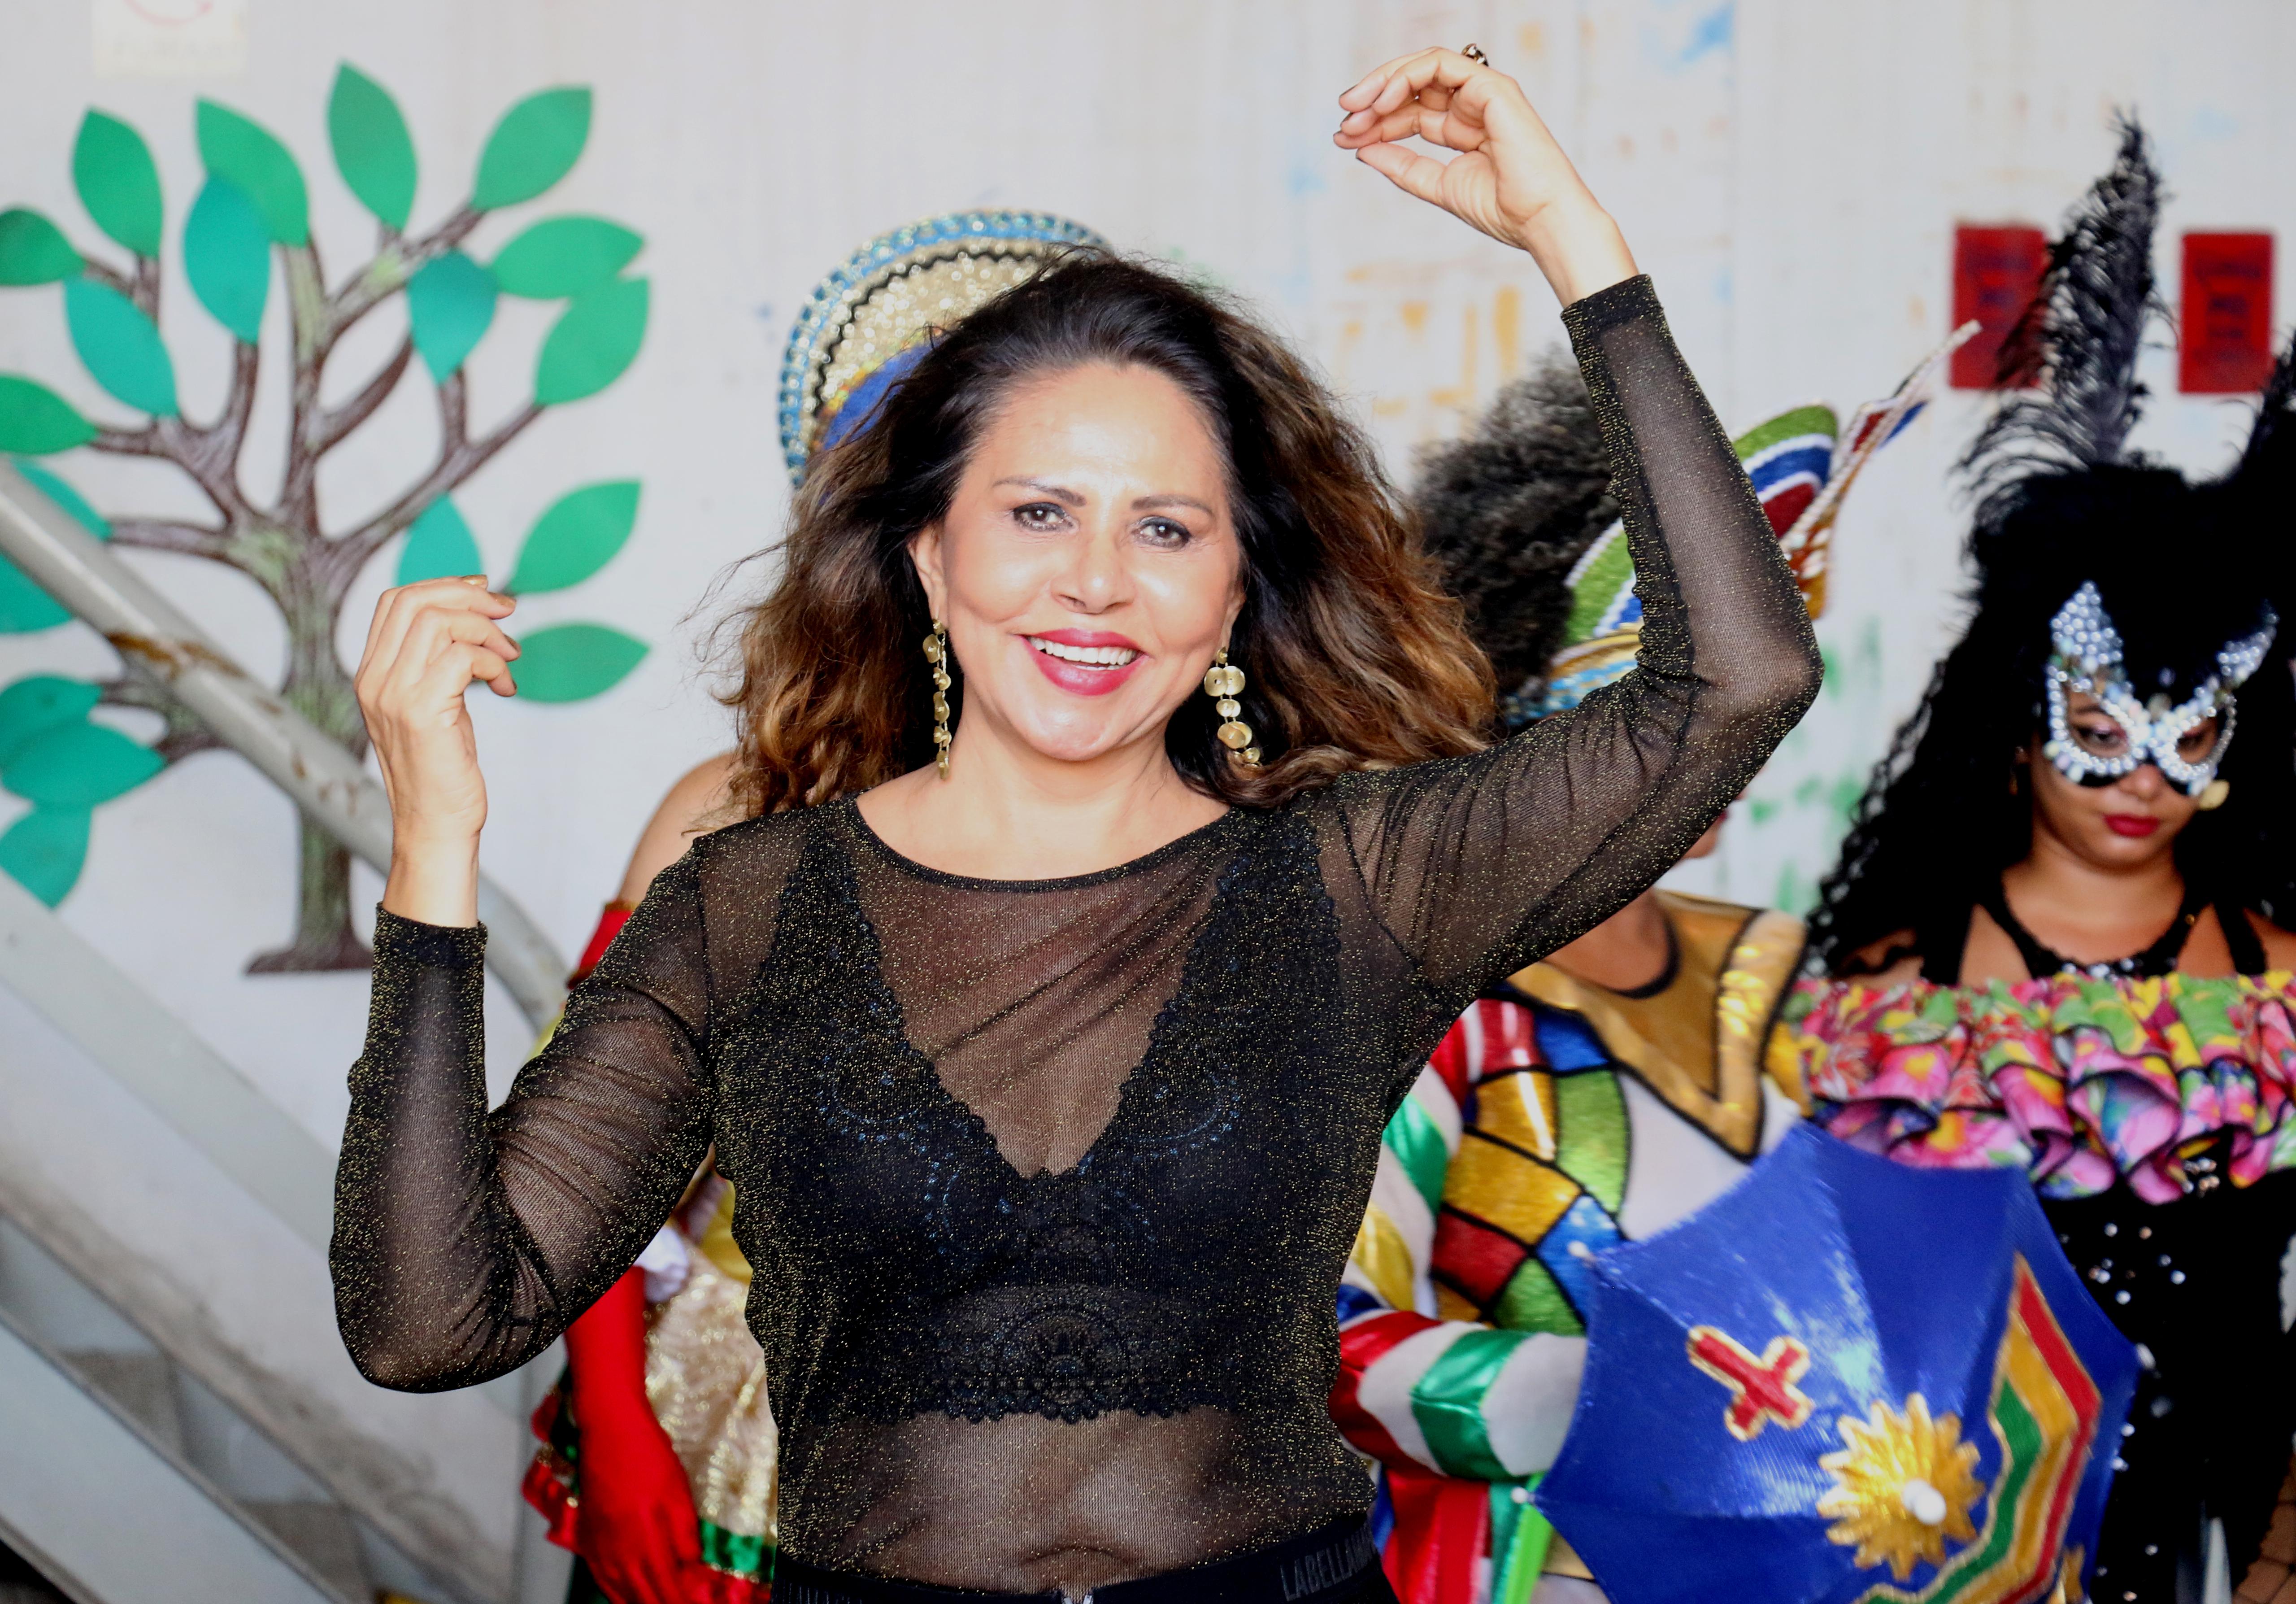 O tradicional trio da Secretaria da Mulher será protagonizado por Cristina Amaral pela primeira vez. Foto: Gabriel Melo/DP